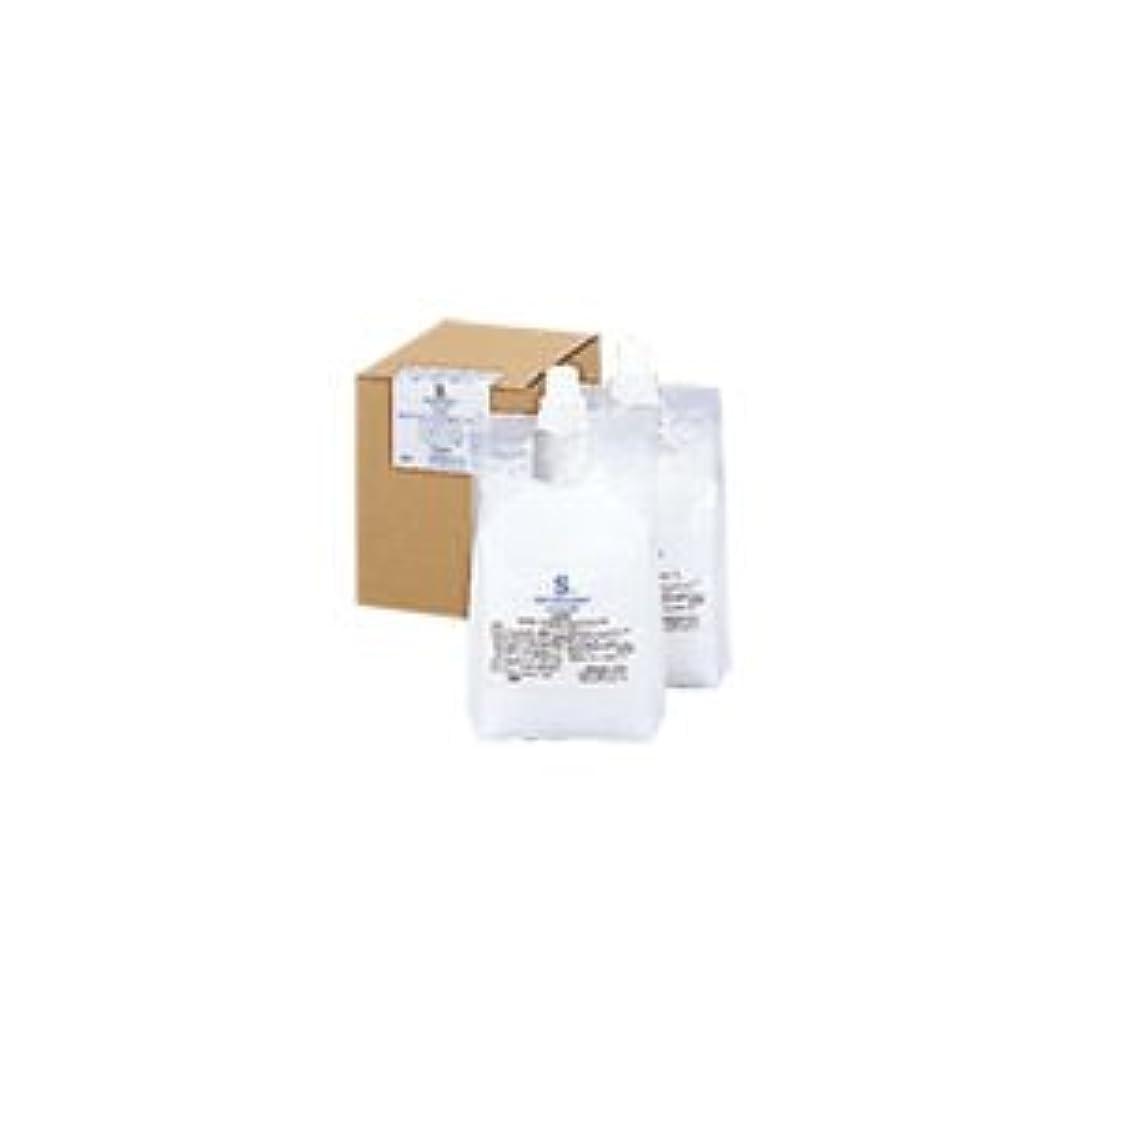 きらめきアデレード全能ナカノ センフィーク コンディショナー スムース 3000ml(1500ml×2)レフィル